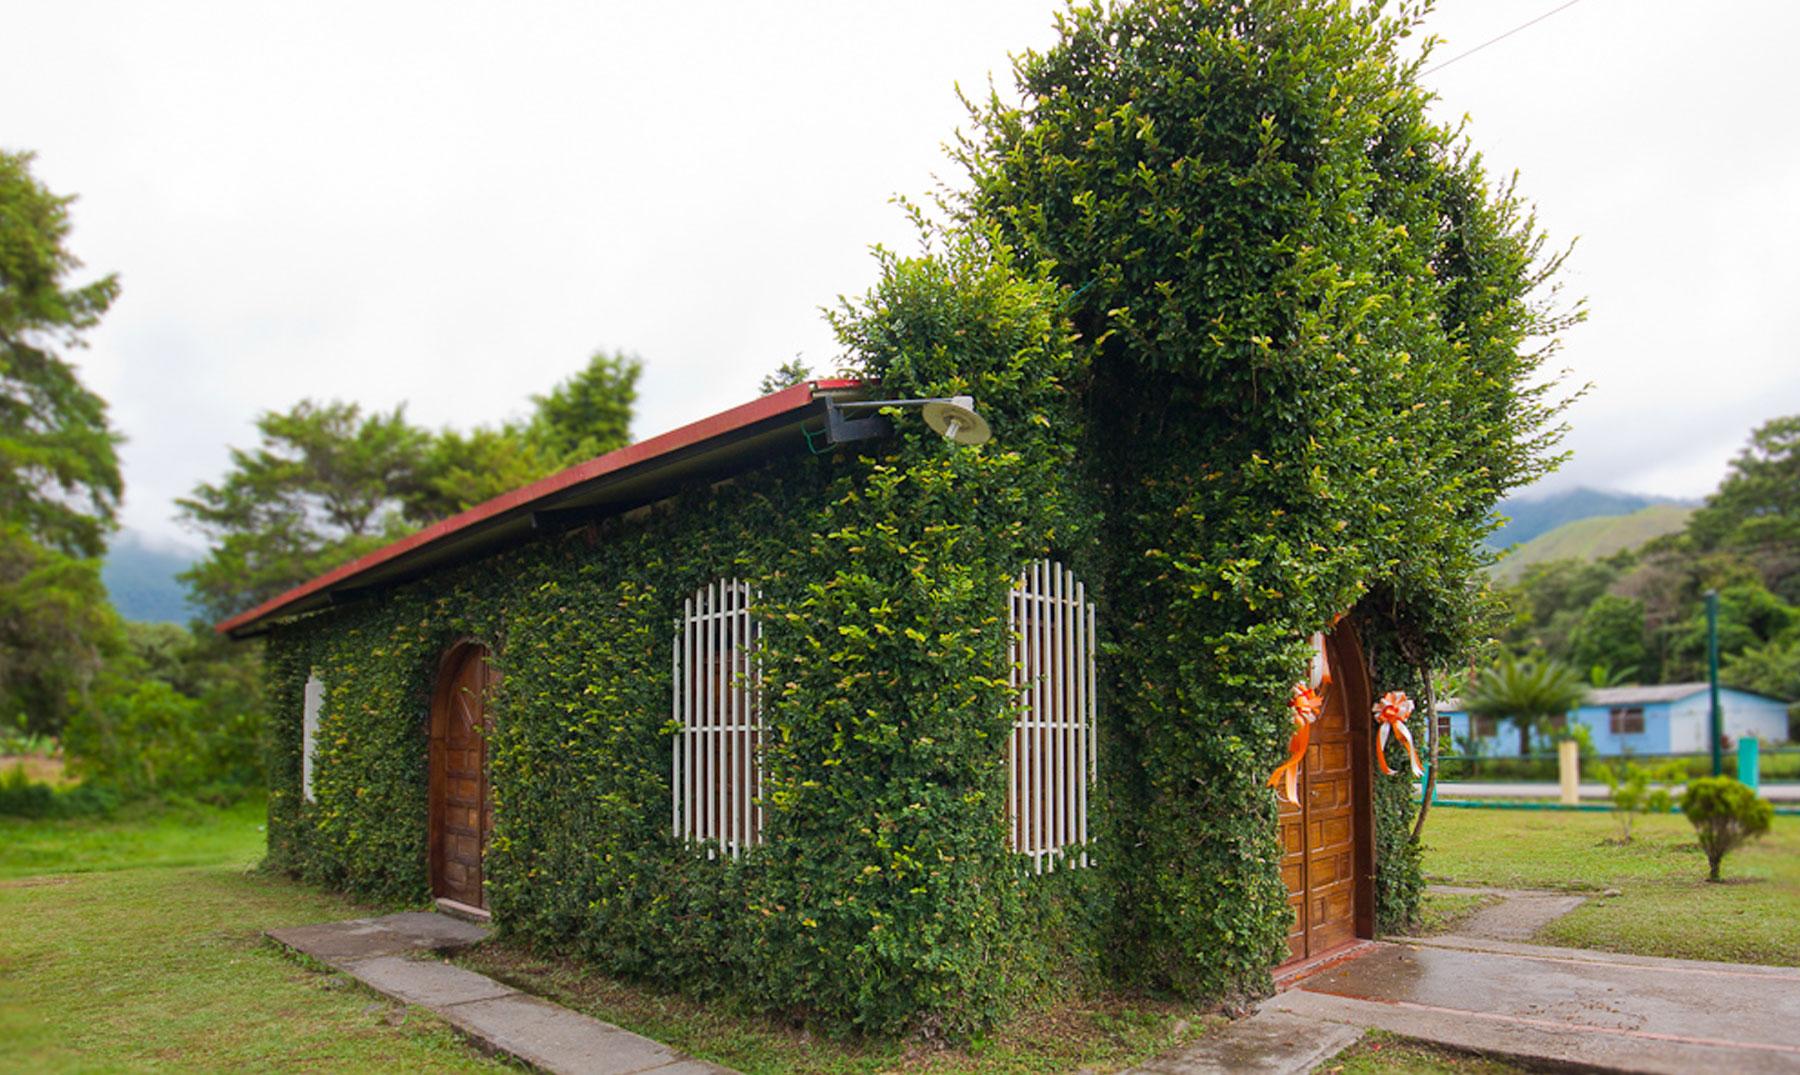 Aislamientos t rmicos para tu casa ecologia util - Aislamiento termico para casas ...